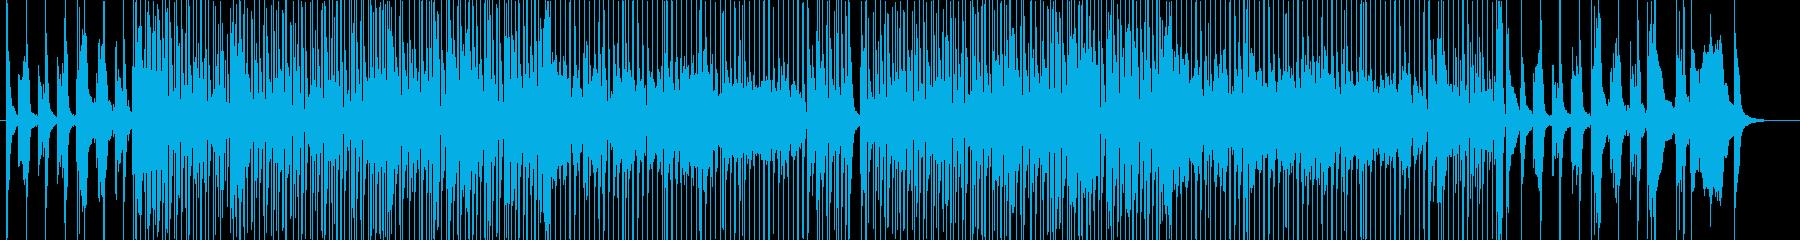 リズム&ブルース風のご機嫌なソング-1の再生済みの波形